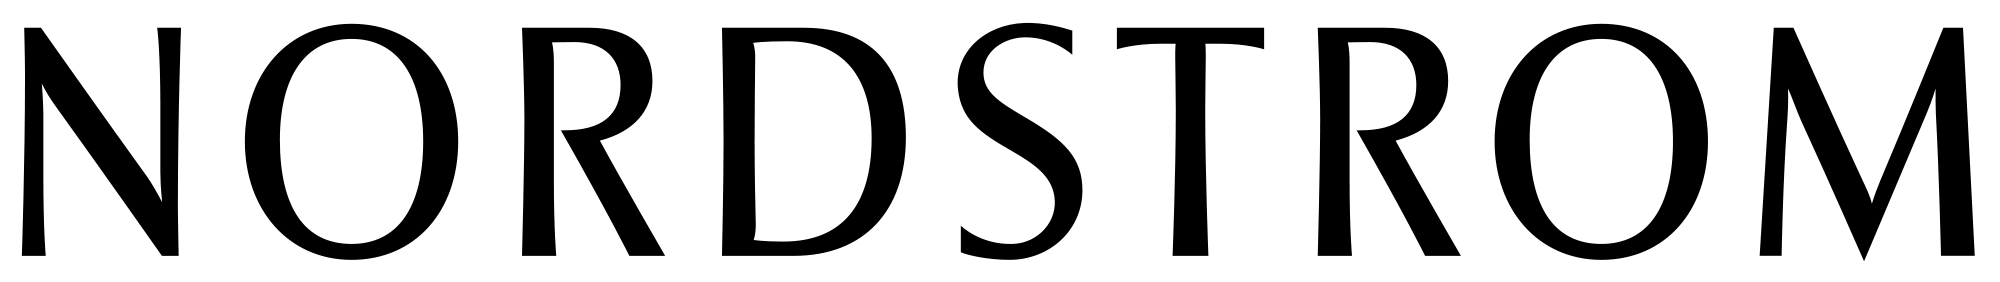 Nordstrom Voucher Codes